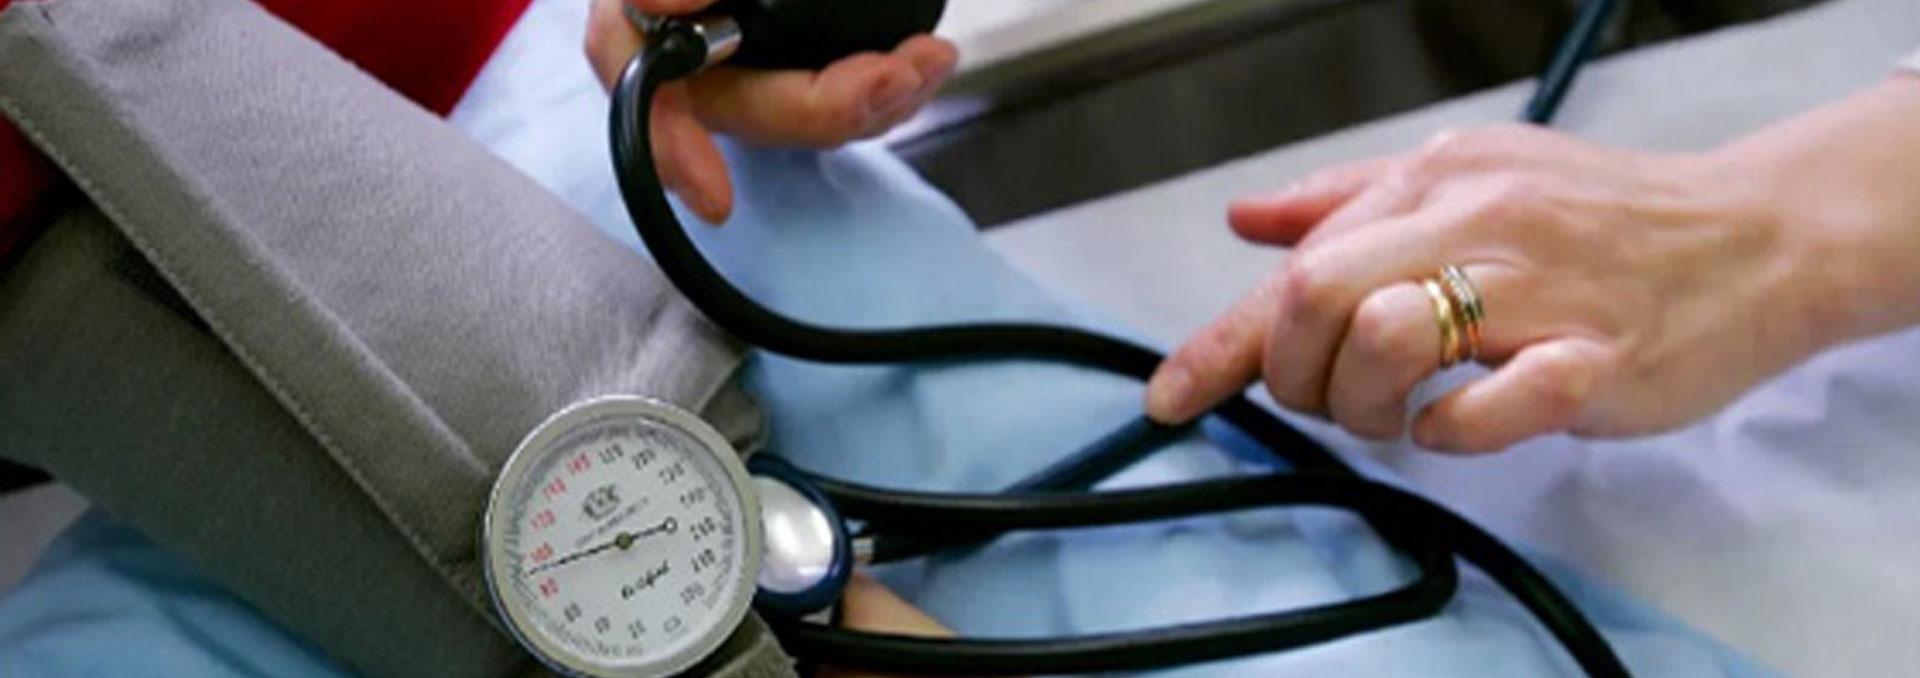 Las cuatro enfermedades crónicas que más afectan a los chilenos